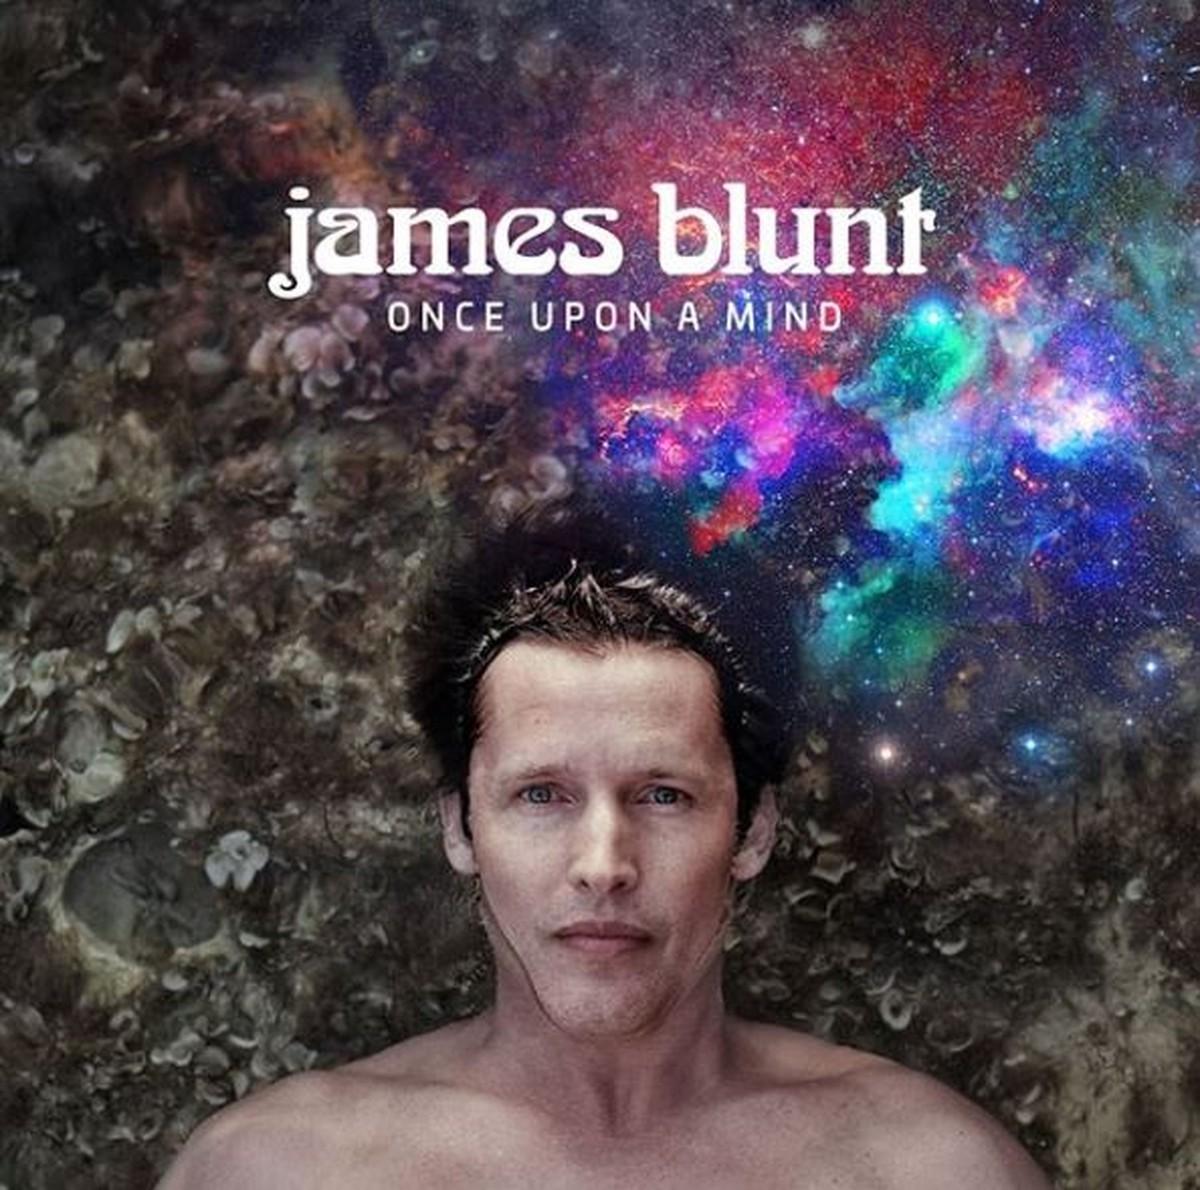 'Ano apocalíptico não estaria completo sem um álbum do James Blunt', diz cantor